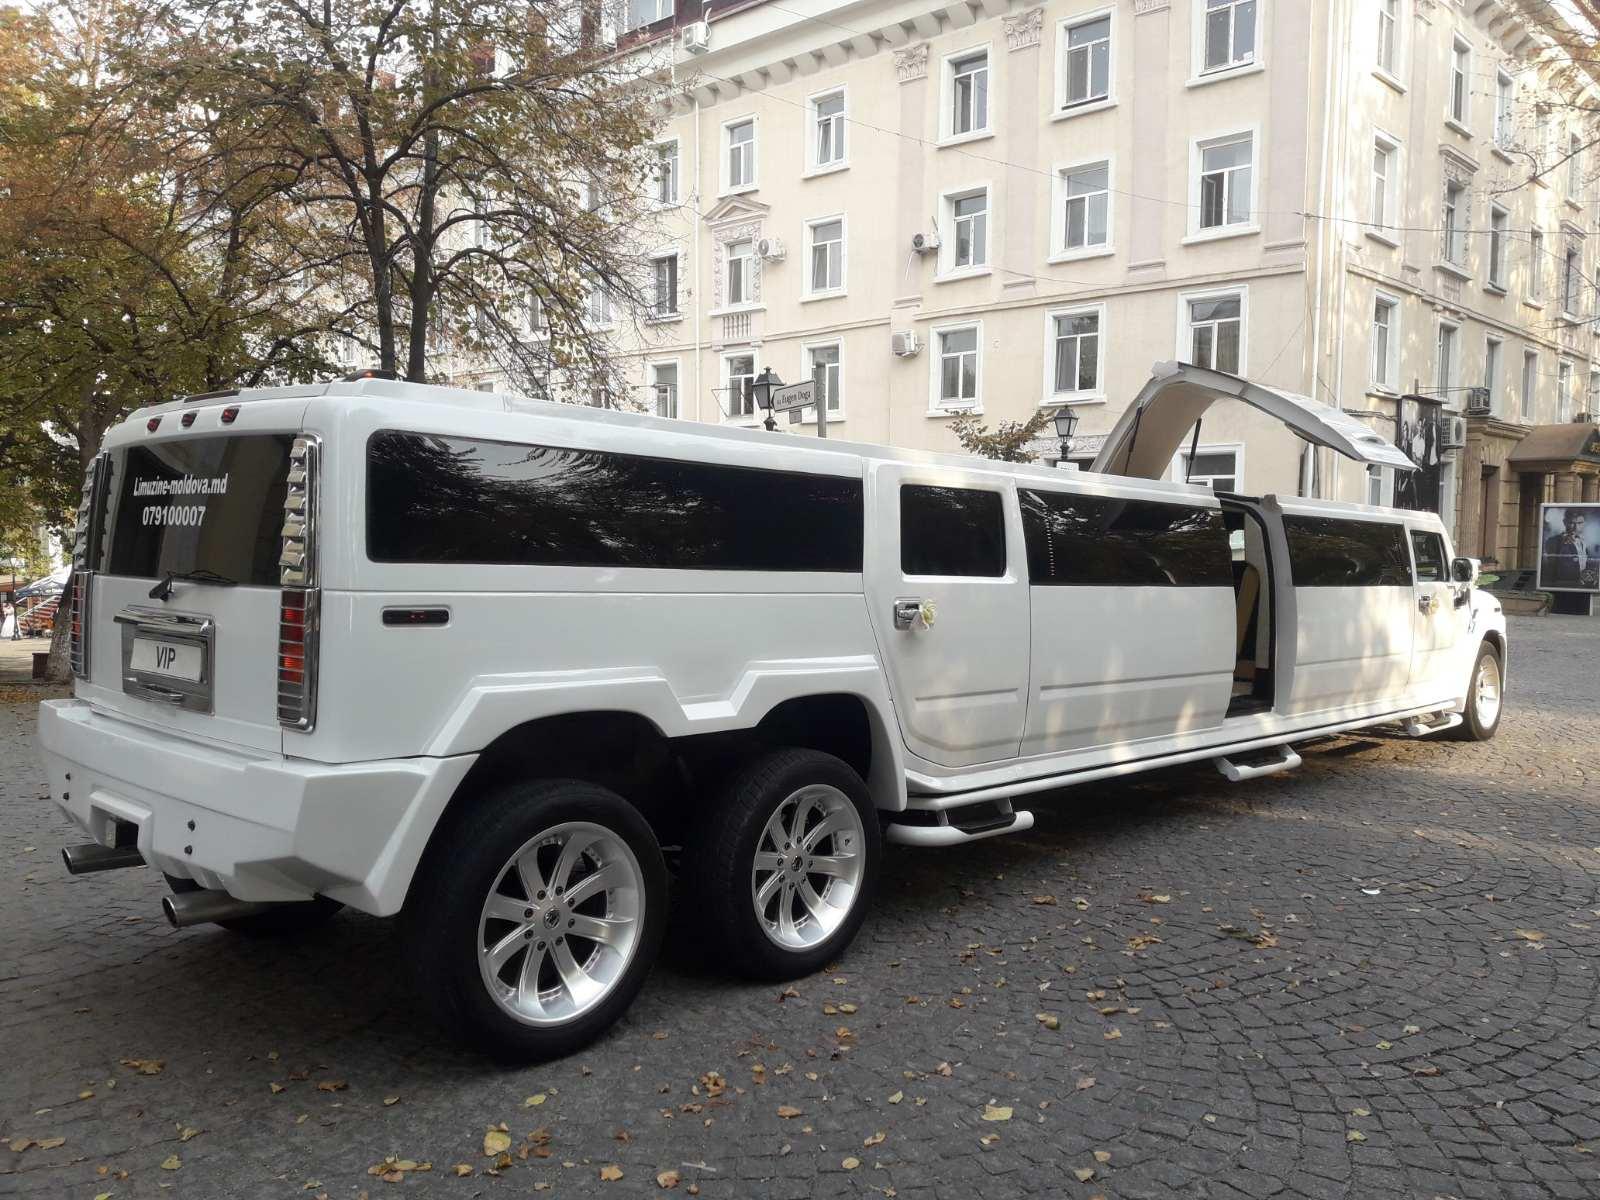 Прокат лимузинов в Молдове_2021-04-24_12-03-15